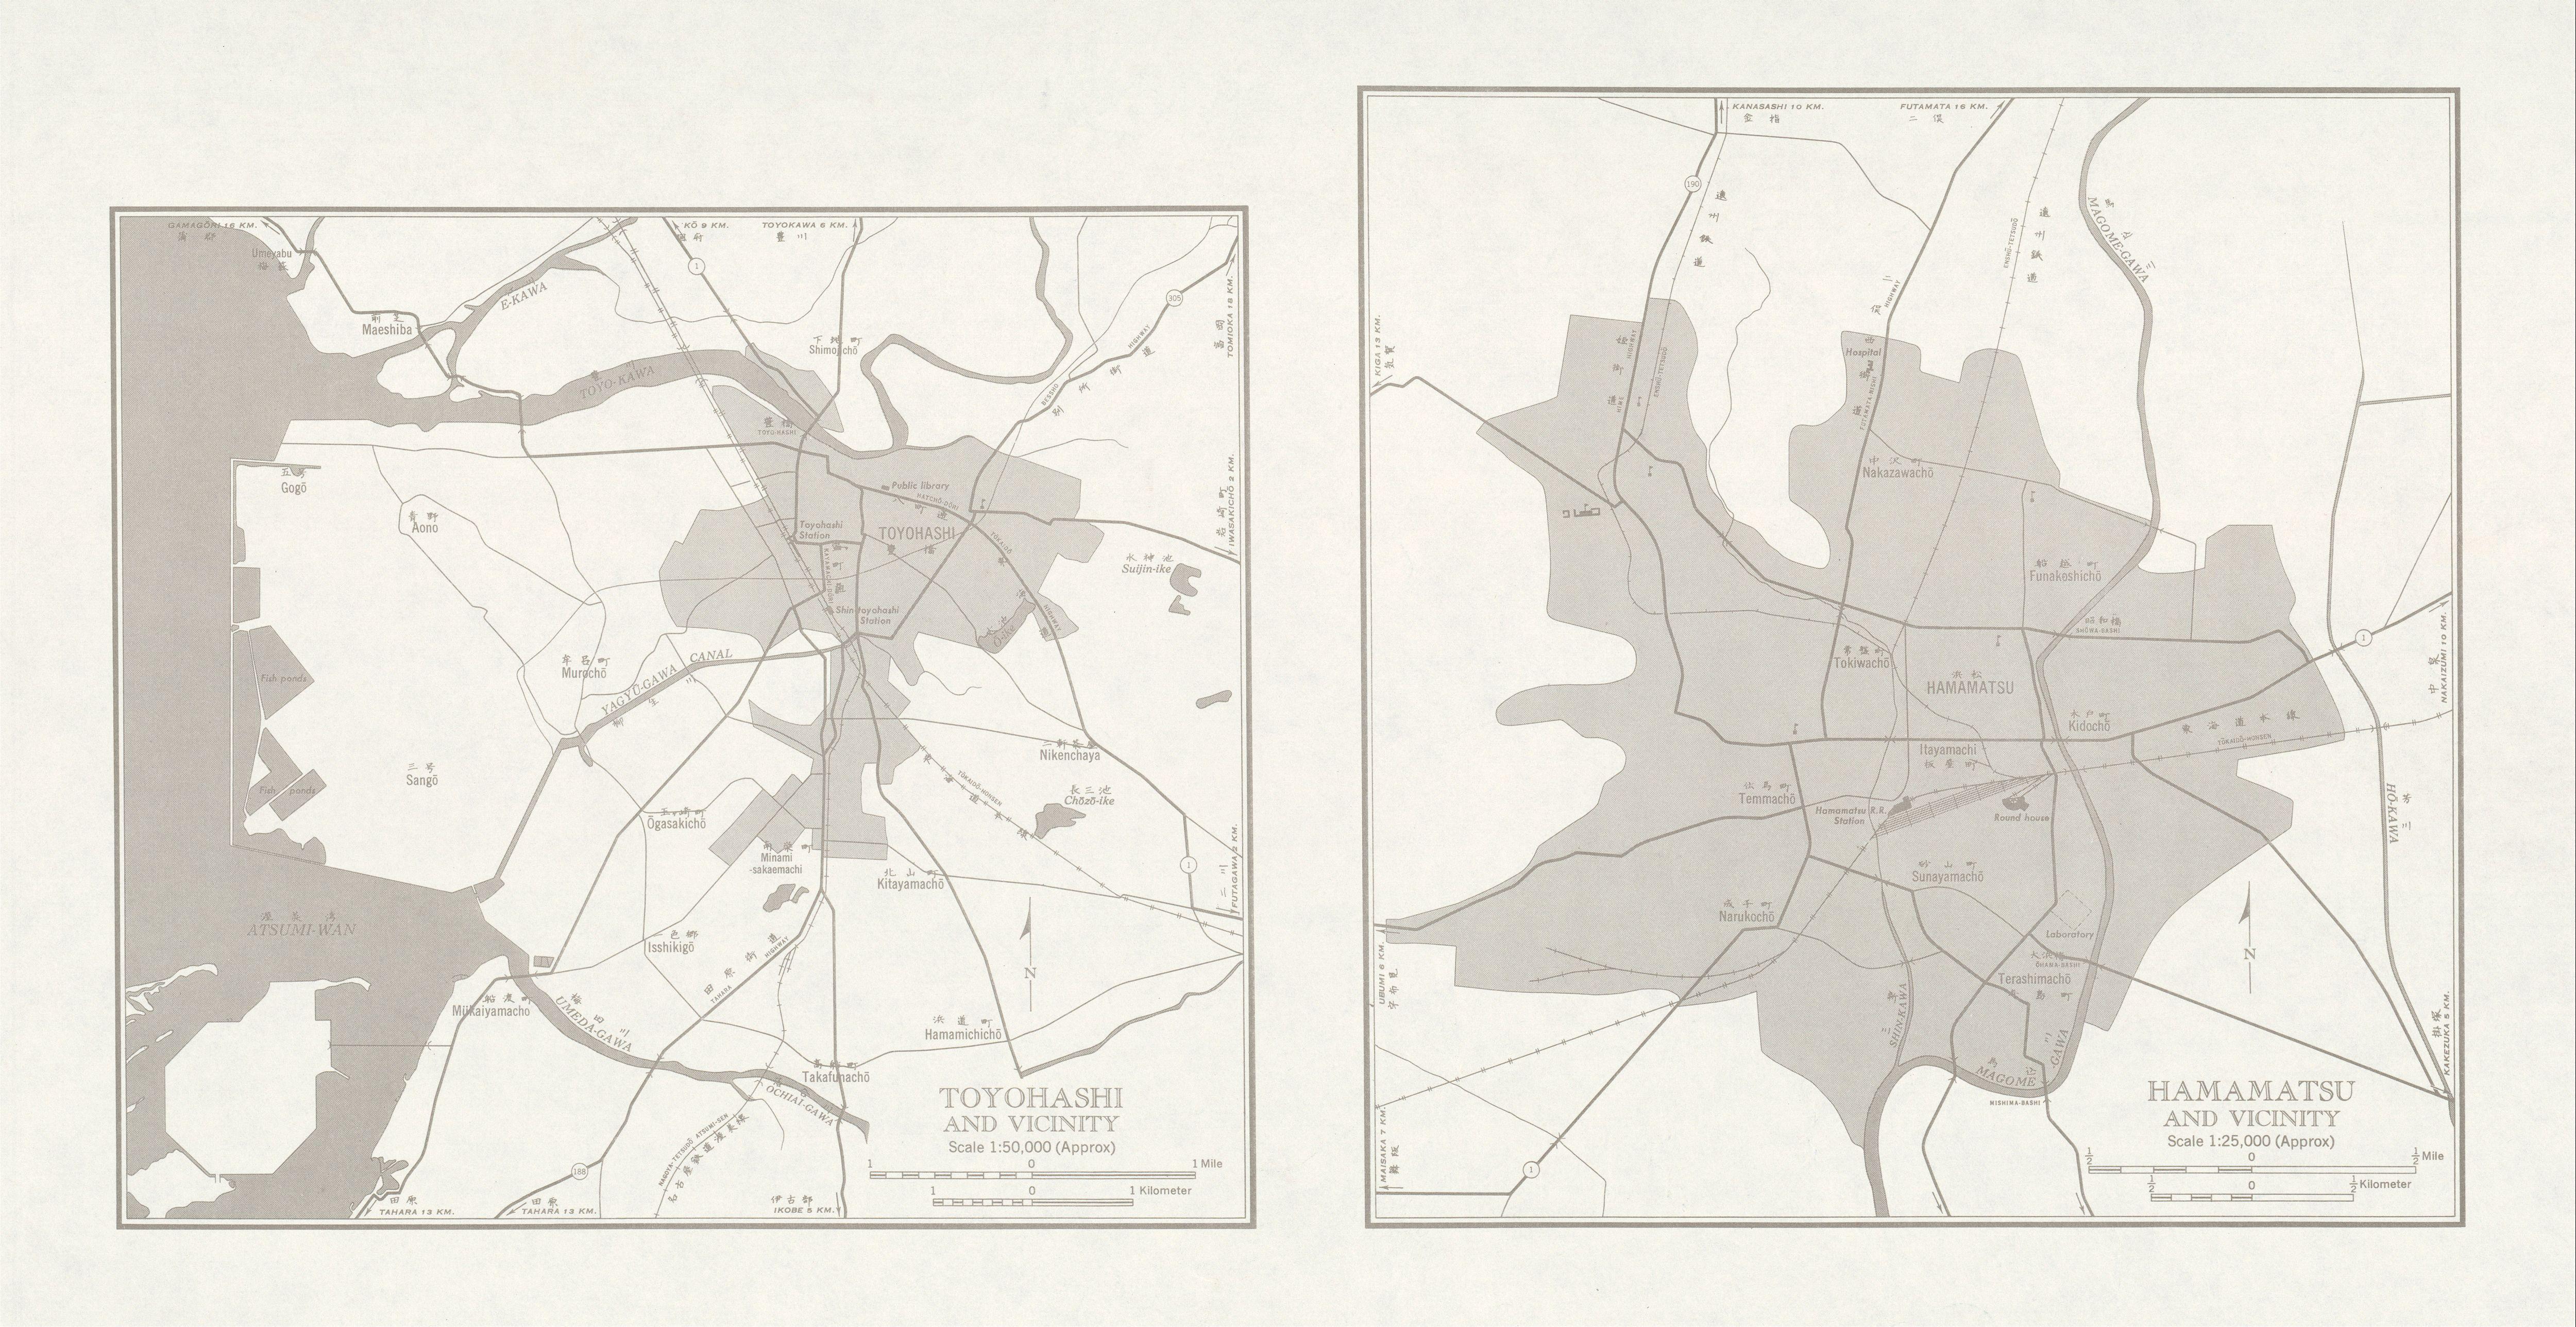 Mapas de Toyohashi, Hamamatsu y sus Cercanias, Japón 1954